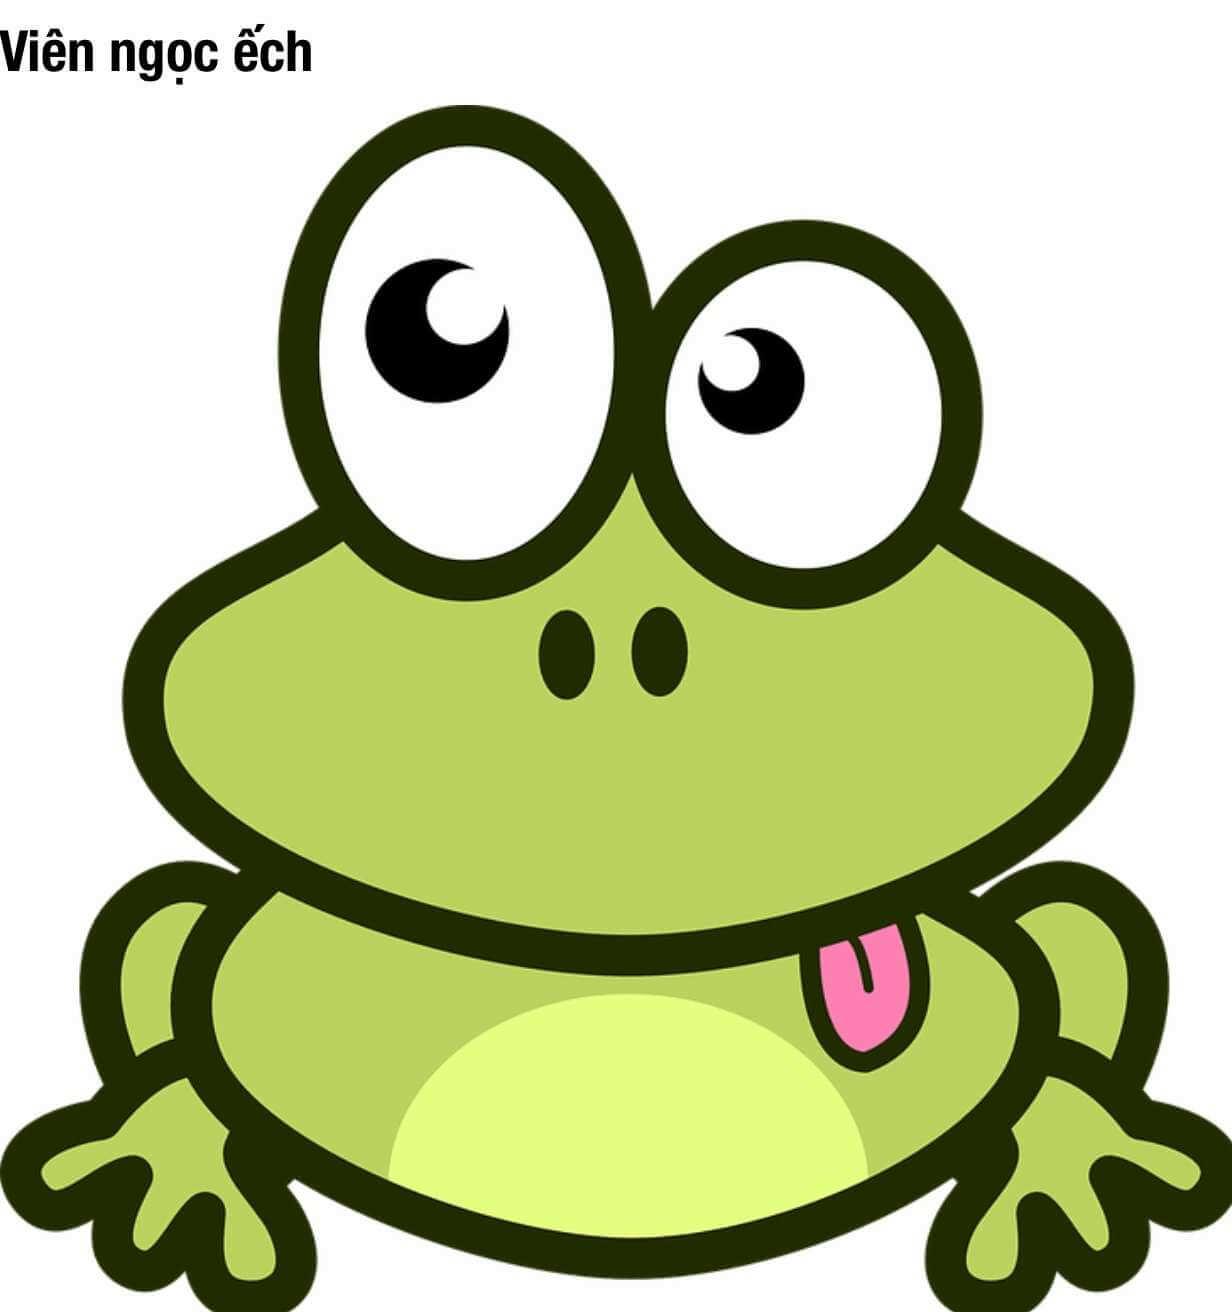 Viên ngọc ếch - Truyện cổ tích thần kỳ hay cho trẻ